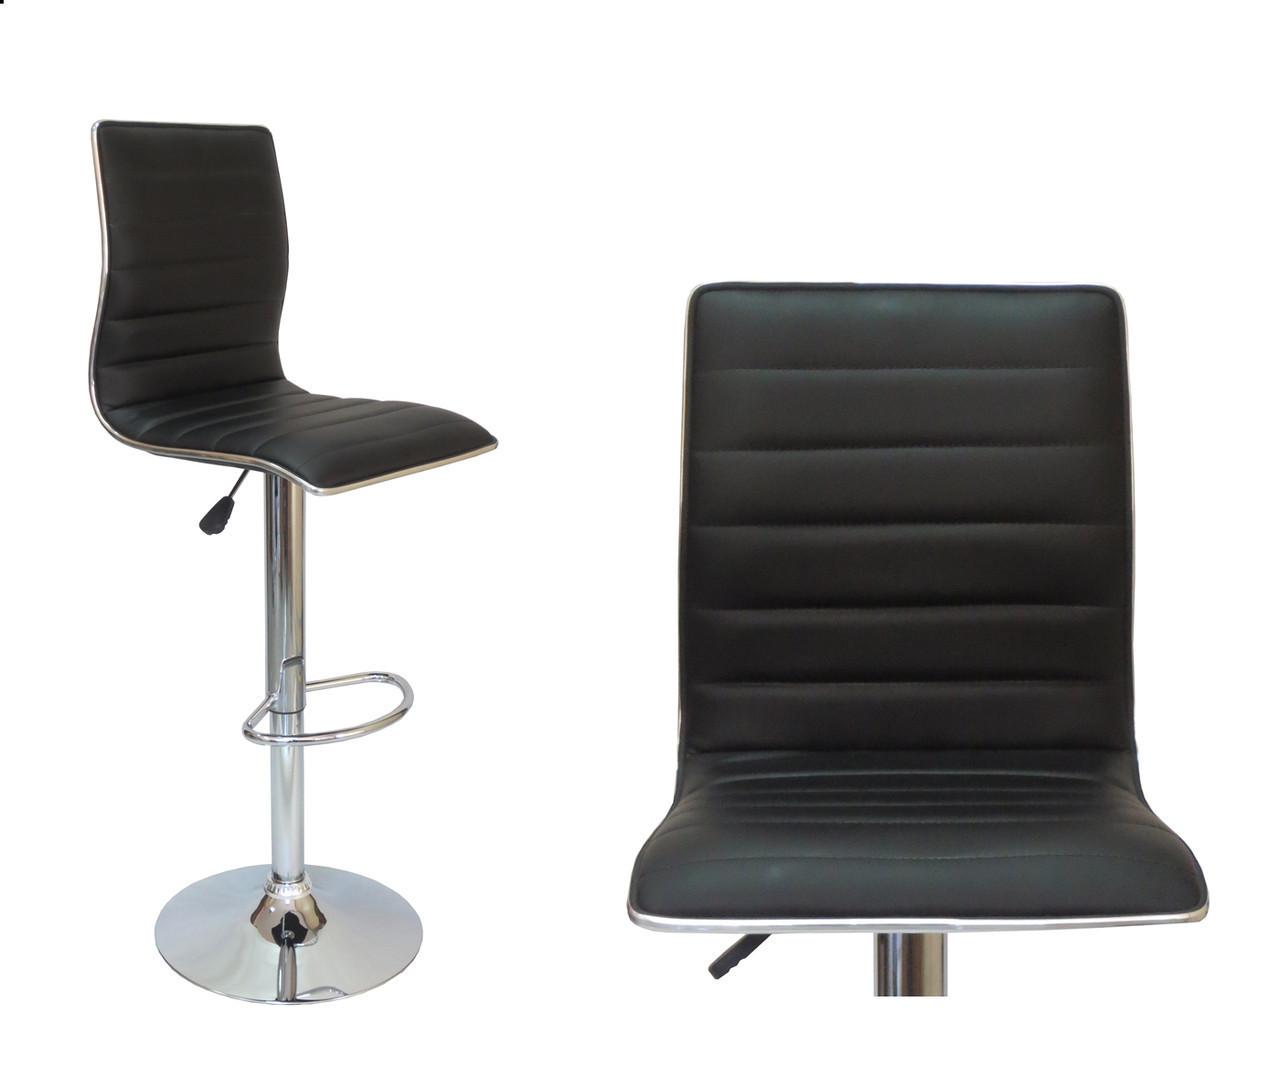 Красивые барные стулья Bordi Качество ЕС, Польша